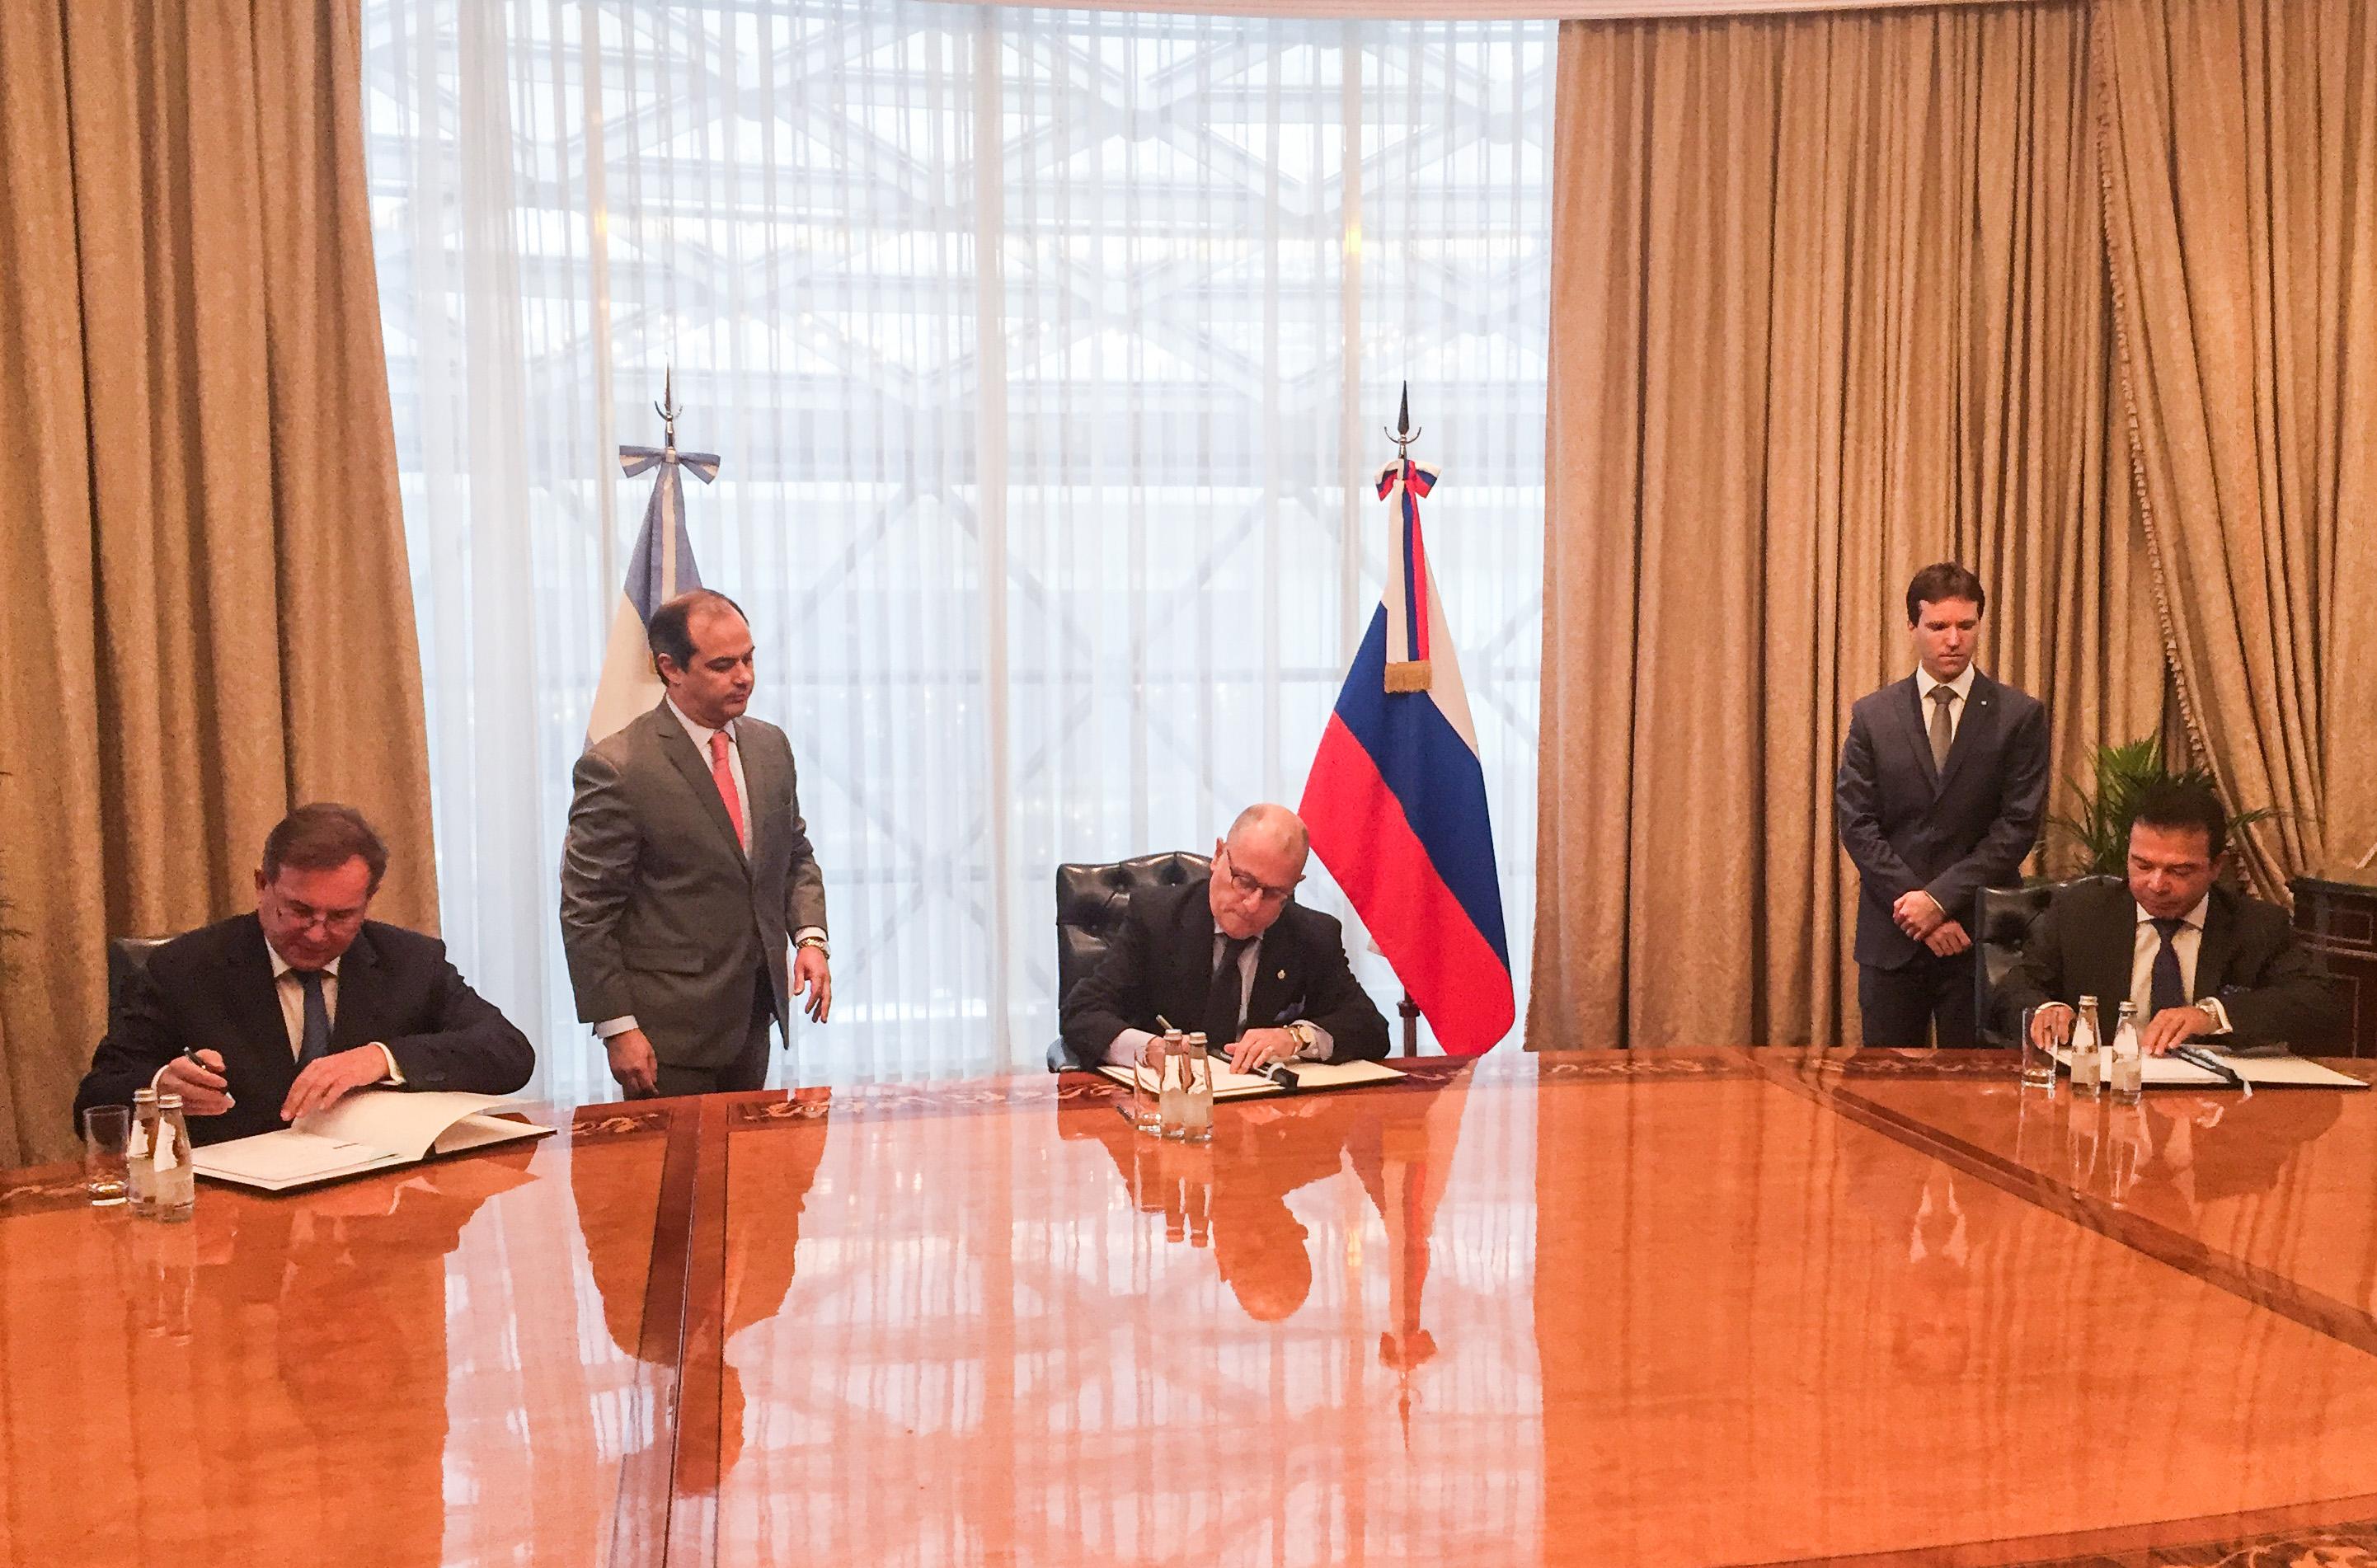 Rosatom y el Ministerio de CyT de Argentina firman Memorándum de cooperación para desarrollar tecnologías de extracción de uranio